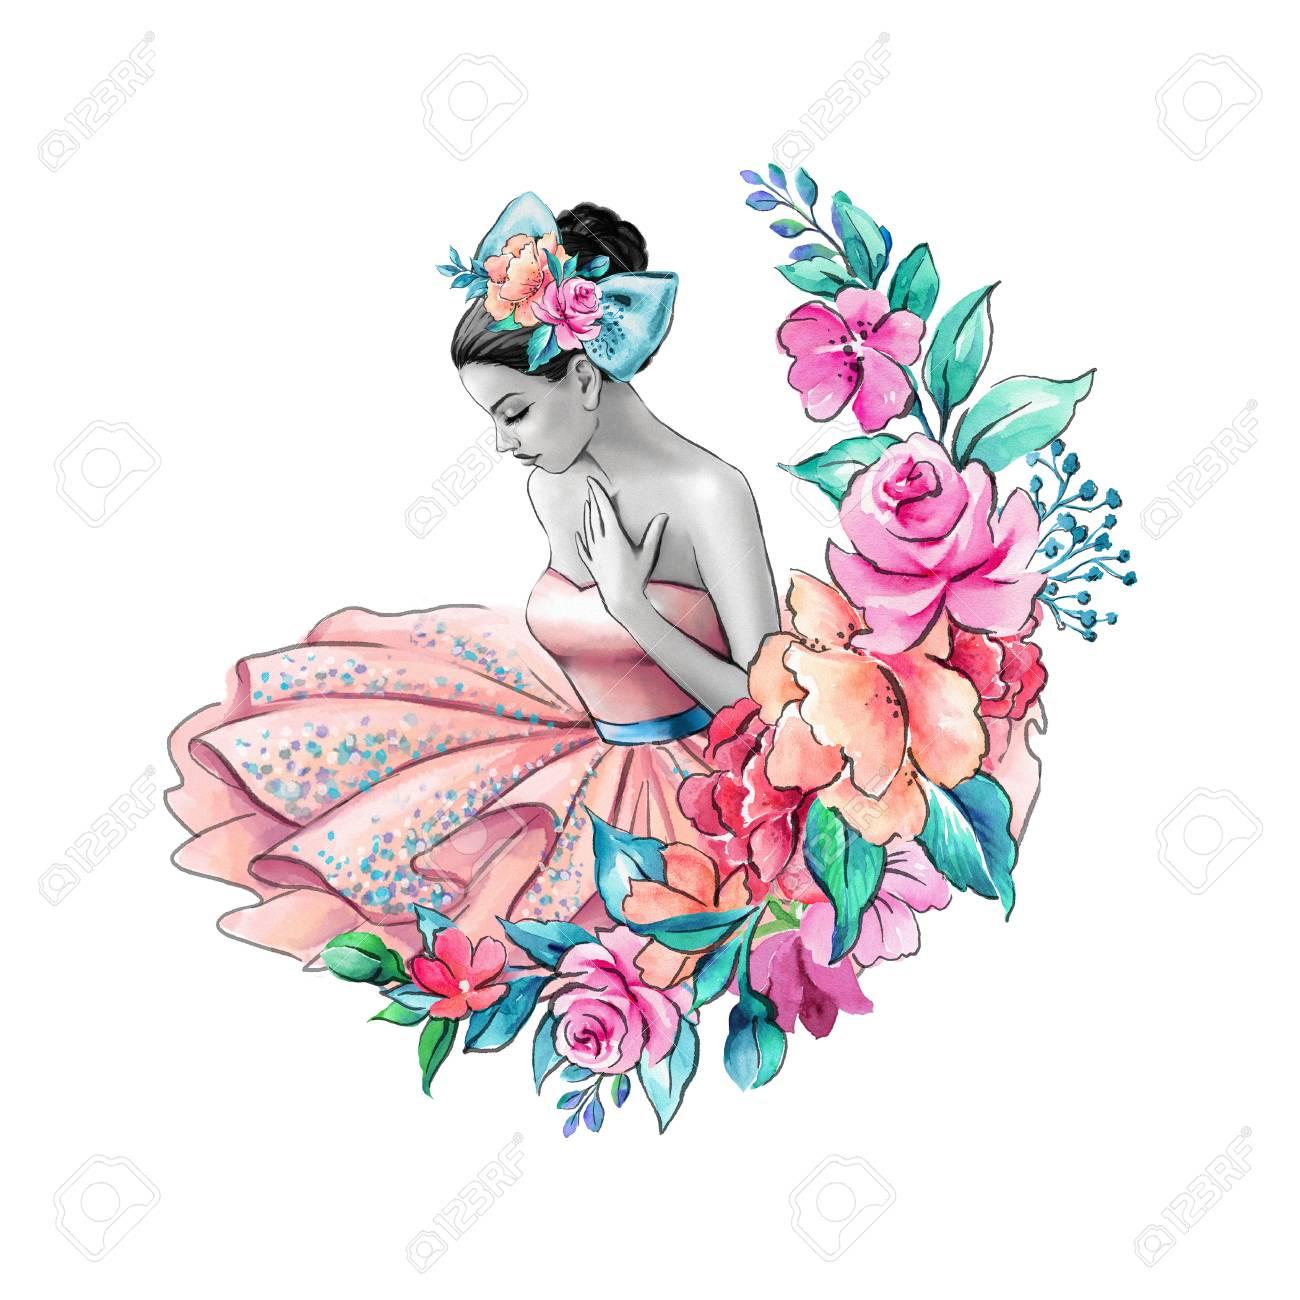 Ilustración Acuarela, Niña De Las Flores, Boda Floral, Retrato De La ...